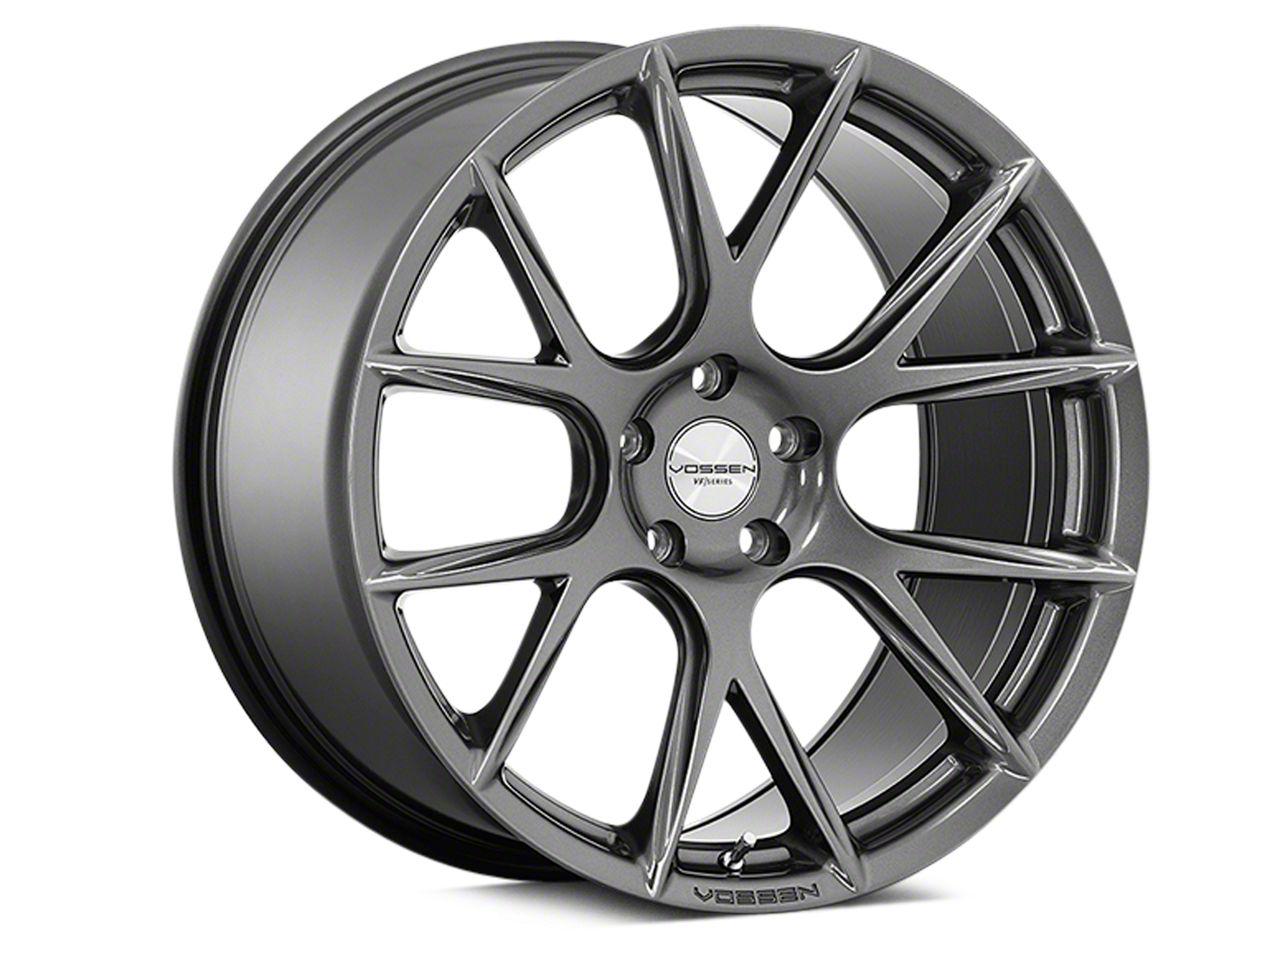 Vossen VFS-6 Gloss Graphite Wheel - 20x10.5 (15-19 All)